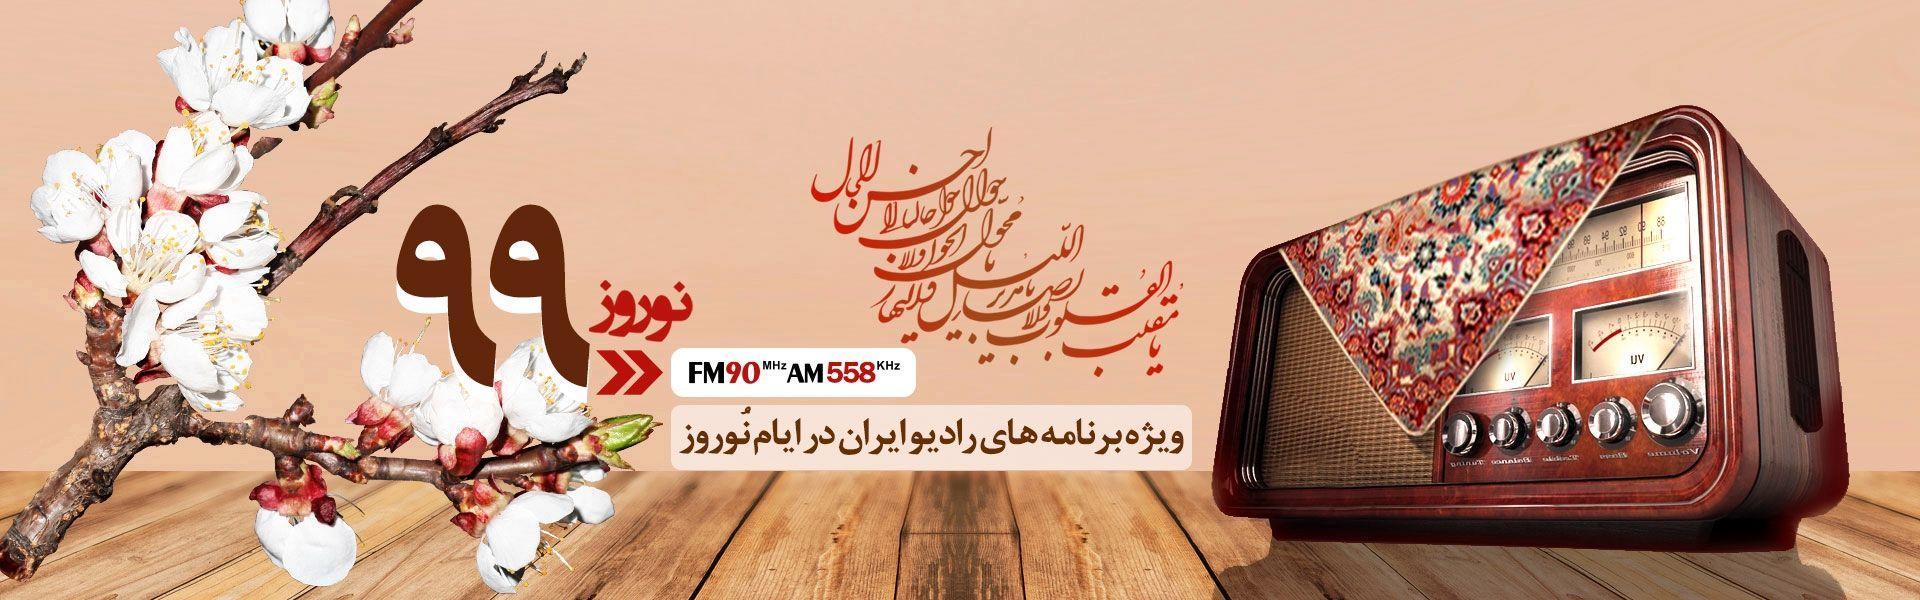 ویژه های رادیو ایران در ایام نوروز